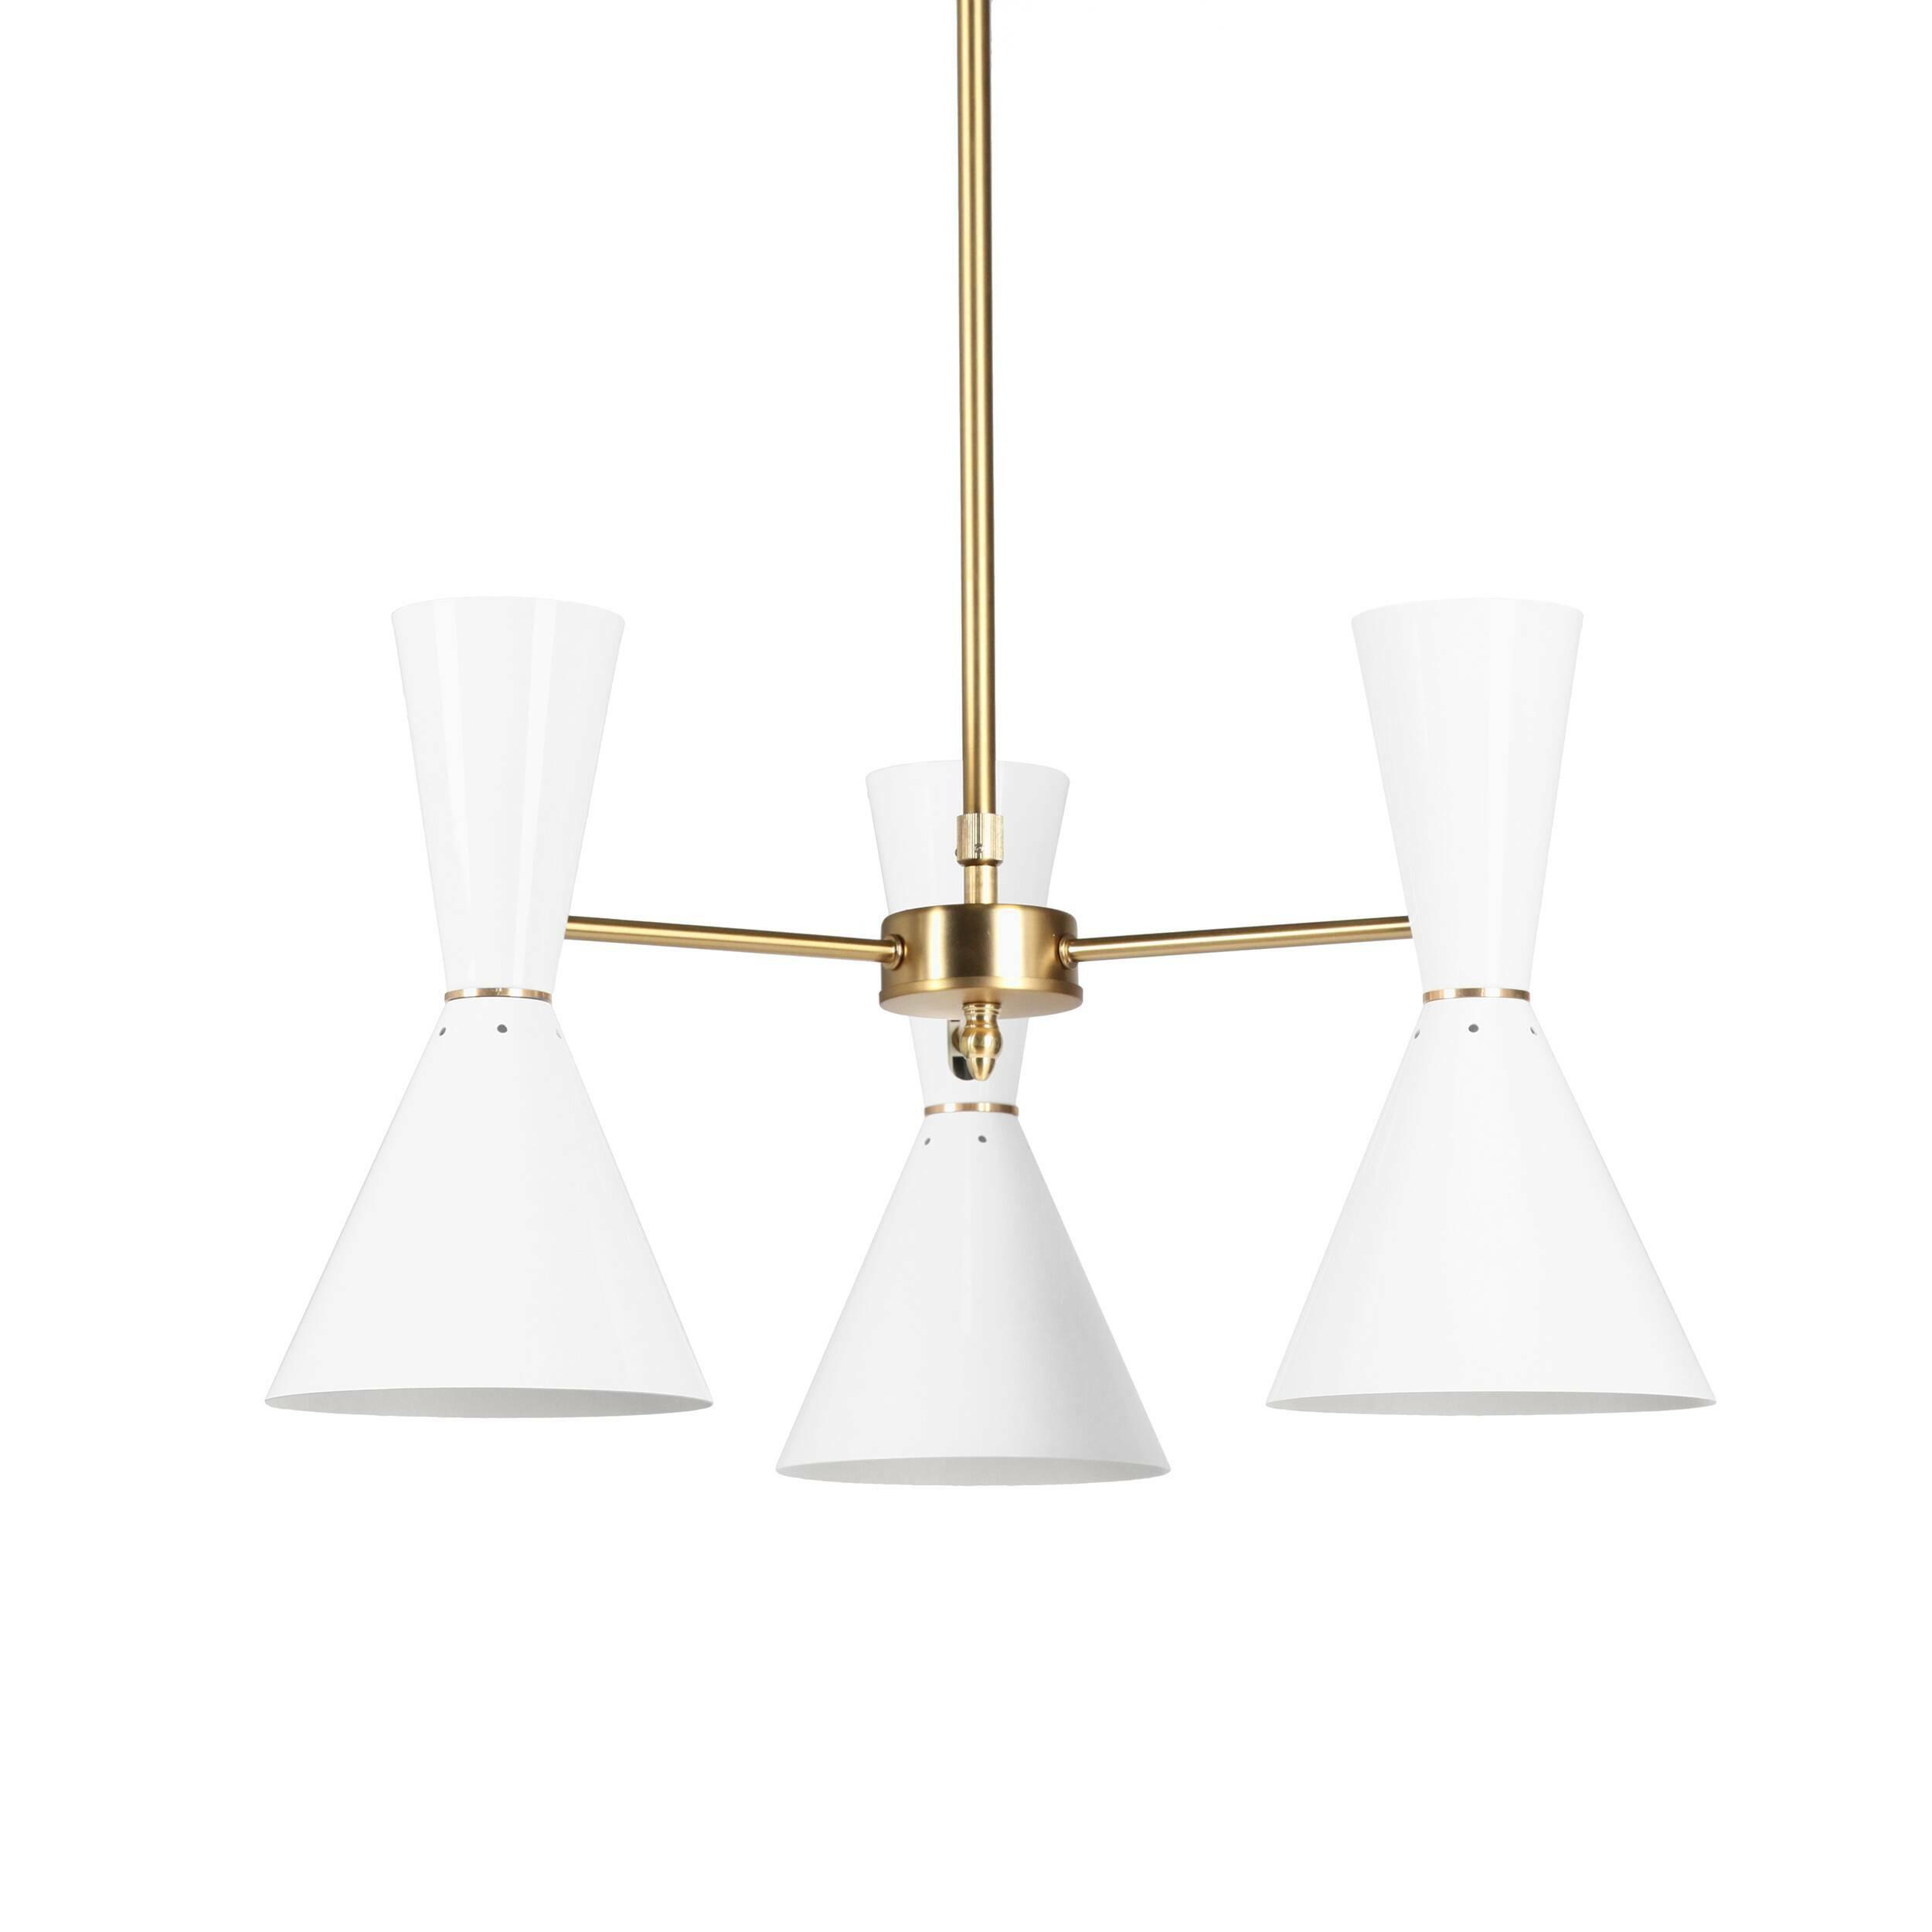 Потолочный светильник Stilnovo Style 3 лампыПотолочные<br>Потолочный светильник Stilnovo Style 3 лампы — это яркий и веселый светильник американской компании Stilnovo, которая воспроизводит лампы самых известных дизайнеров XX века и создает новые необычные осветительные приборы.<br><br><br> Этот светильник отличается своим цветовым исполнением. Три абажура, выкрашенные в двух вариантах — черном и белом, обязательно будут поднимать вам настроение в холодный зимний день или дождливую пасмурную осеннюю погоду. Тонкие ножки напоминают лучи солнышка, котор...<br><br>stock: 2<br>Высота: 36<br>Диаметр: 60<br>Количество ламп: 3<br>Материал абажура: Сталь<br>Материал арматуры: Сталь<br>Мощность лампы: 60<br>Ламп в комплекте: Нет<br>Тип лампы/цоколь: E27<br>Цвет абажура: Белый<br>Цвет арматуры: Латунь